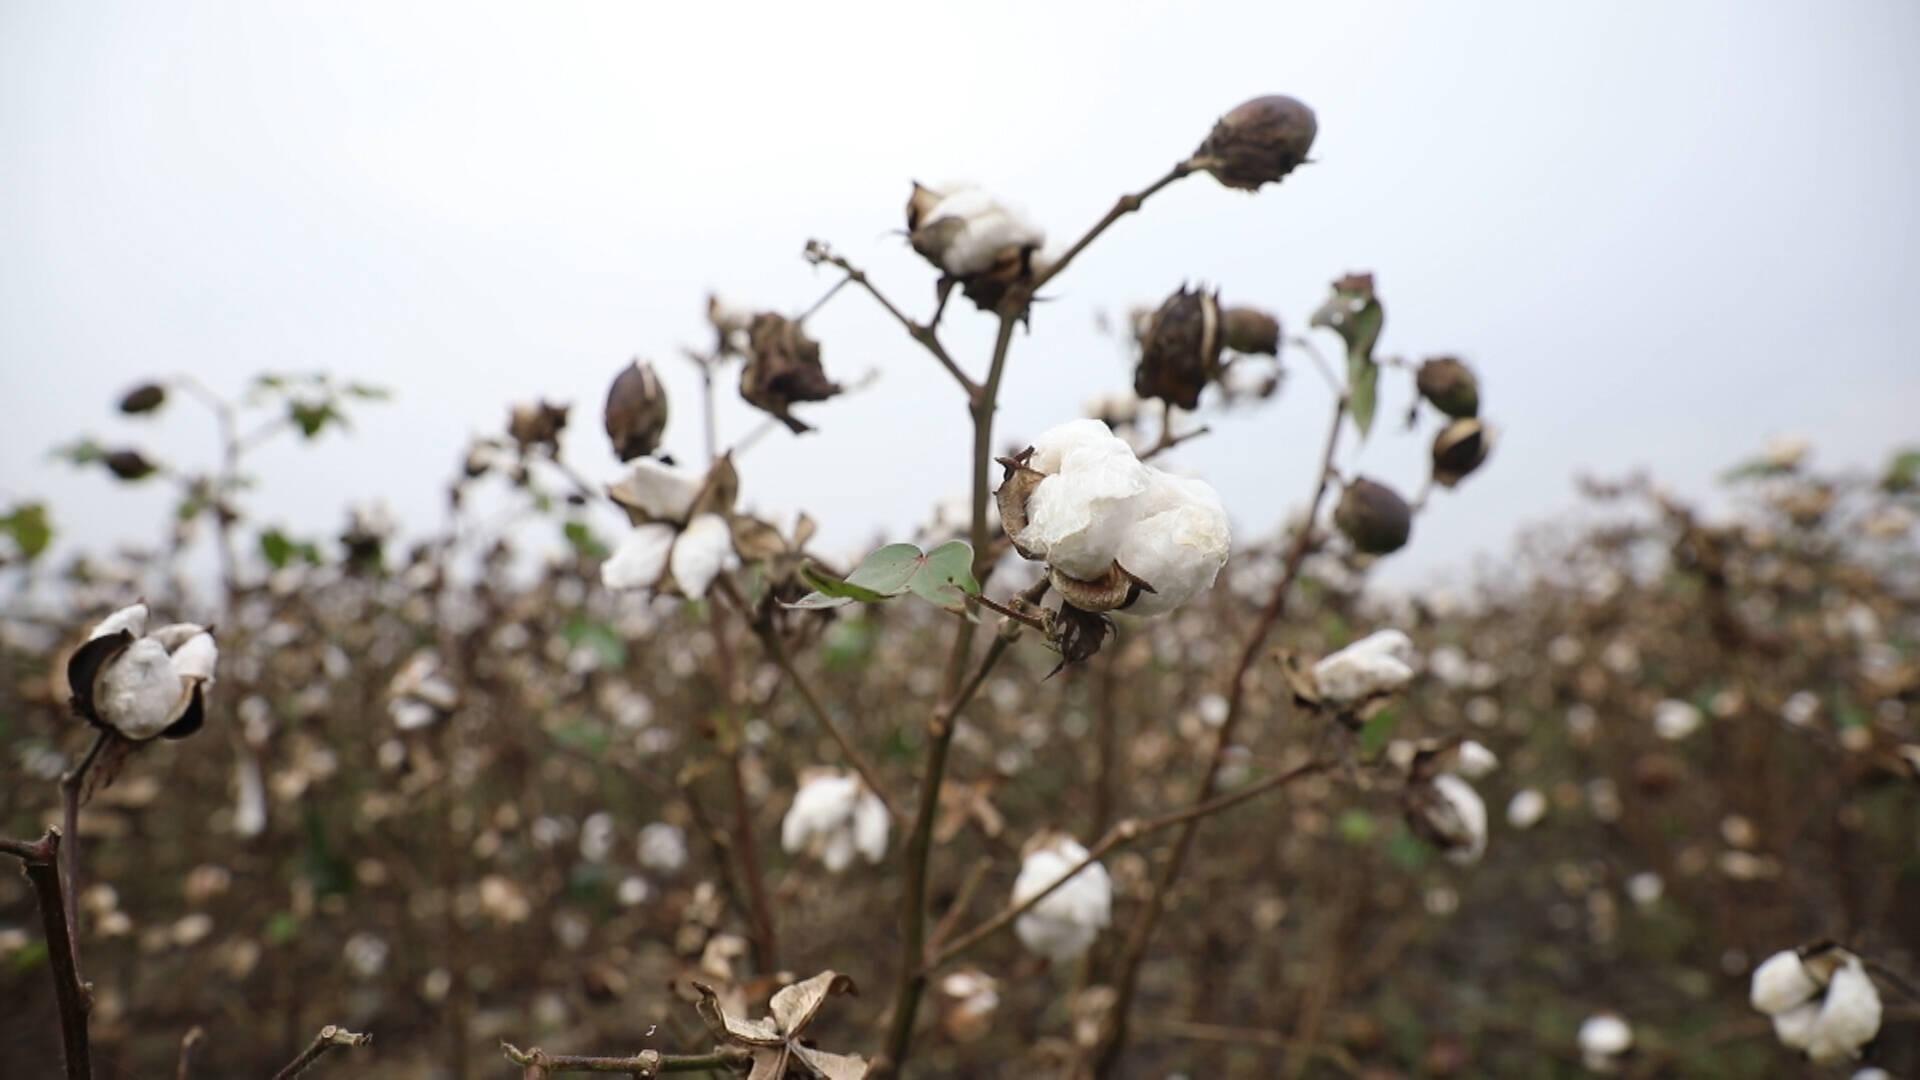 德州夏津:农技专家深入田间,指导农户做好阴雨天气棉花管理